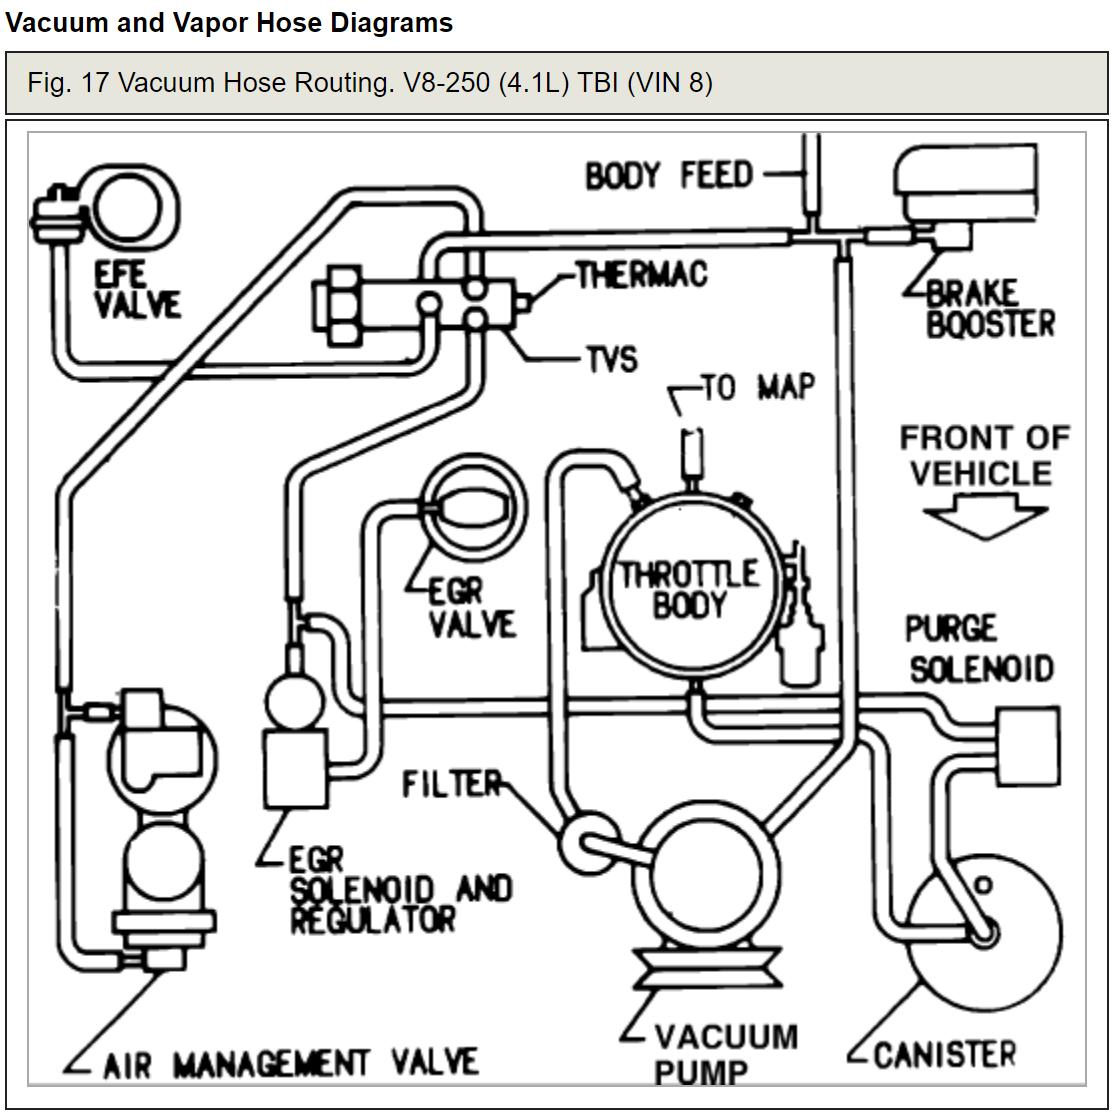 1995 Cadillac Deville Vacuum Line Diagram 1950 Oldsmobile Wiring Diagram Begeboy Wiring Diagram Source